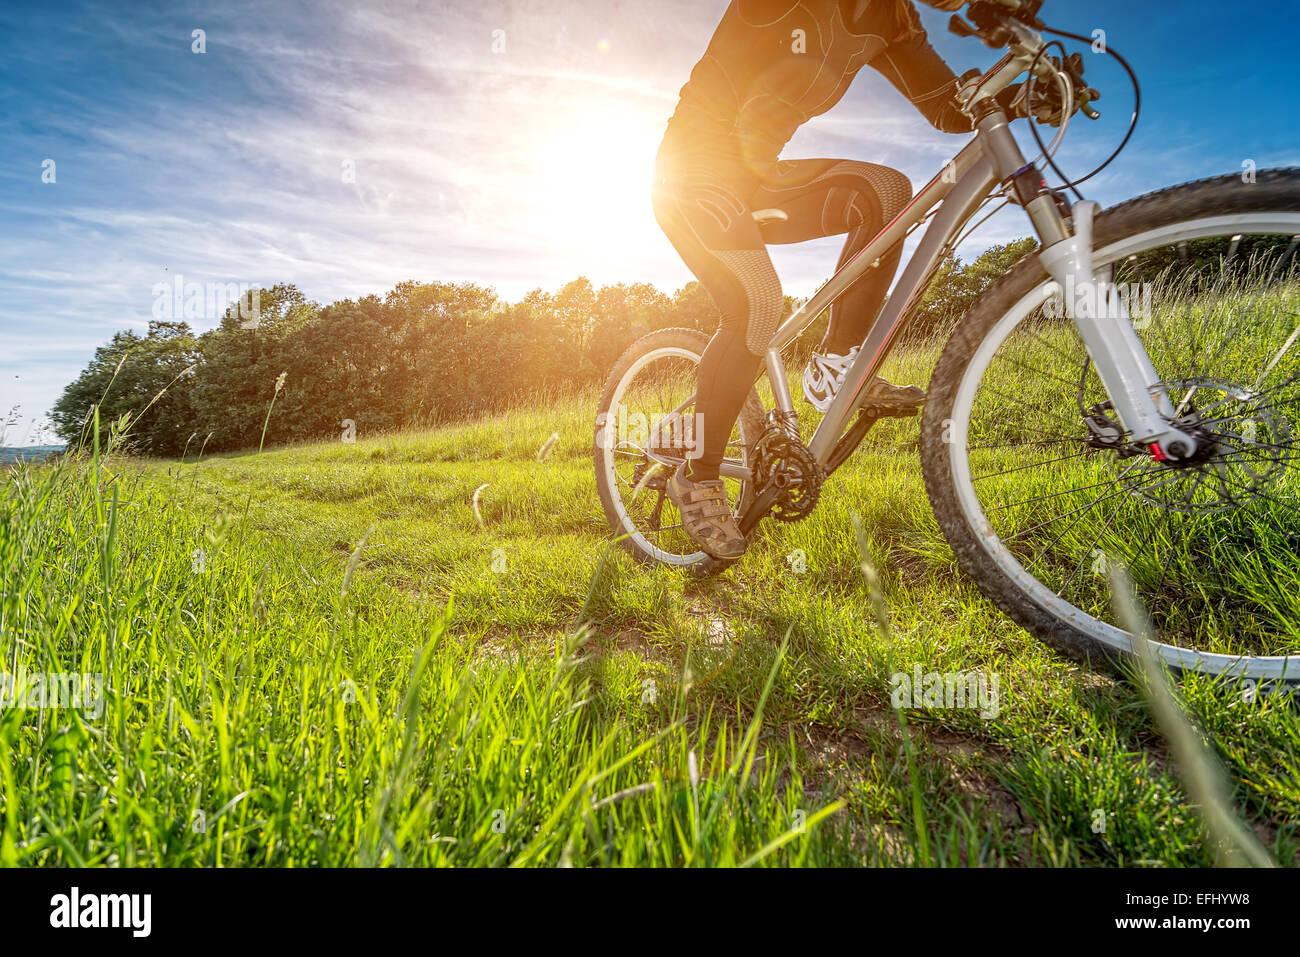 Sport bike, Escursioni in bicicletta nel bel prato, dettaglio foto, Immagini Stock